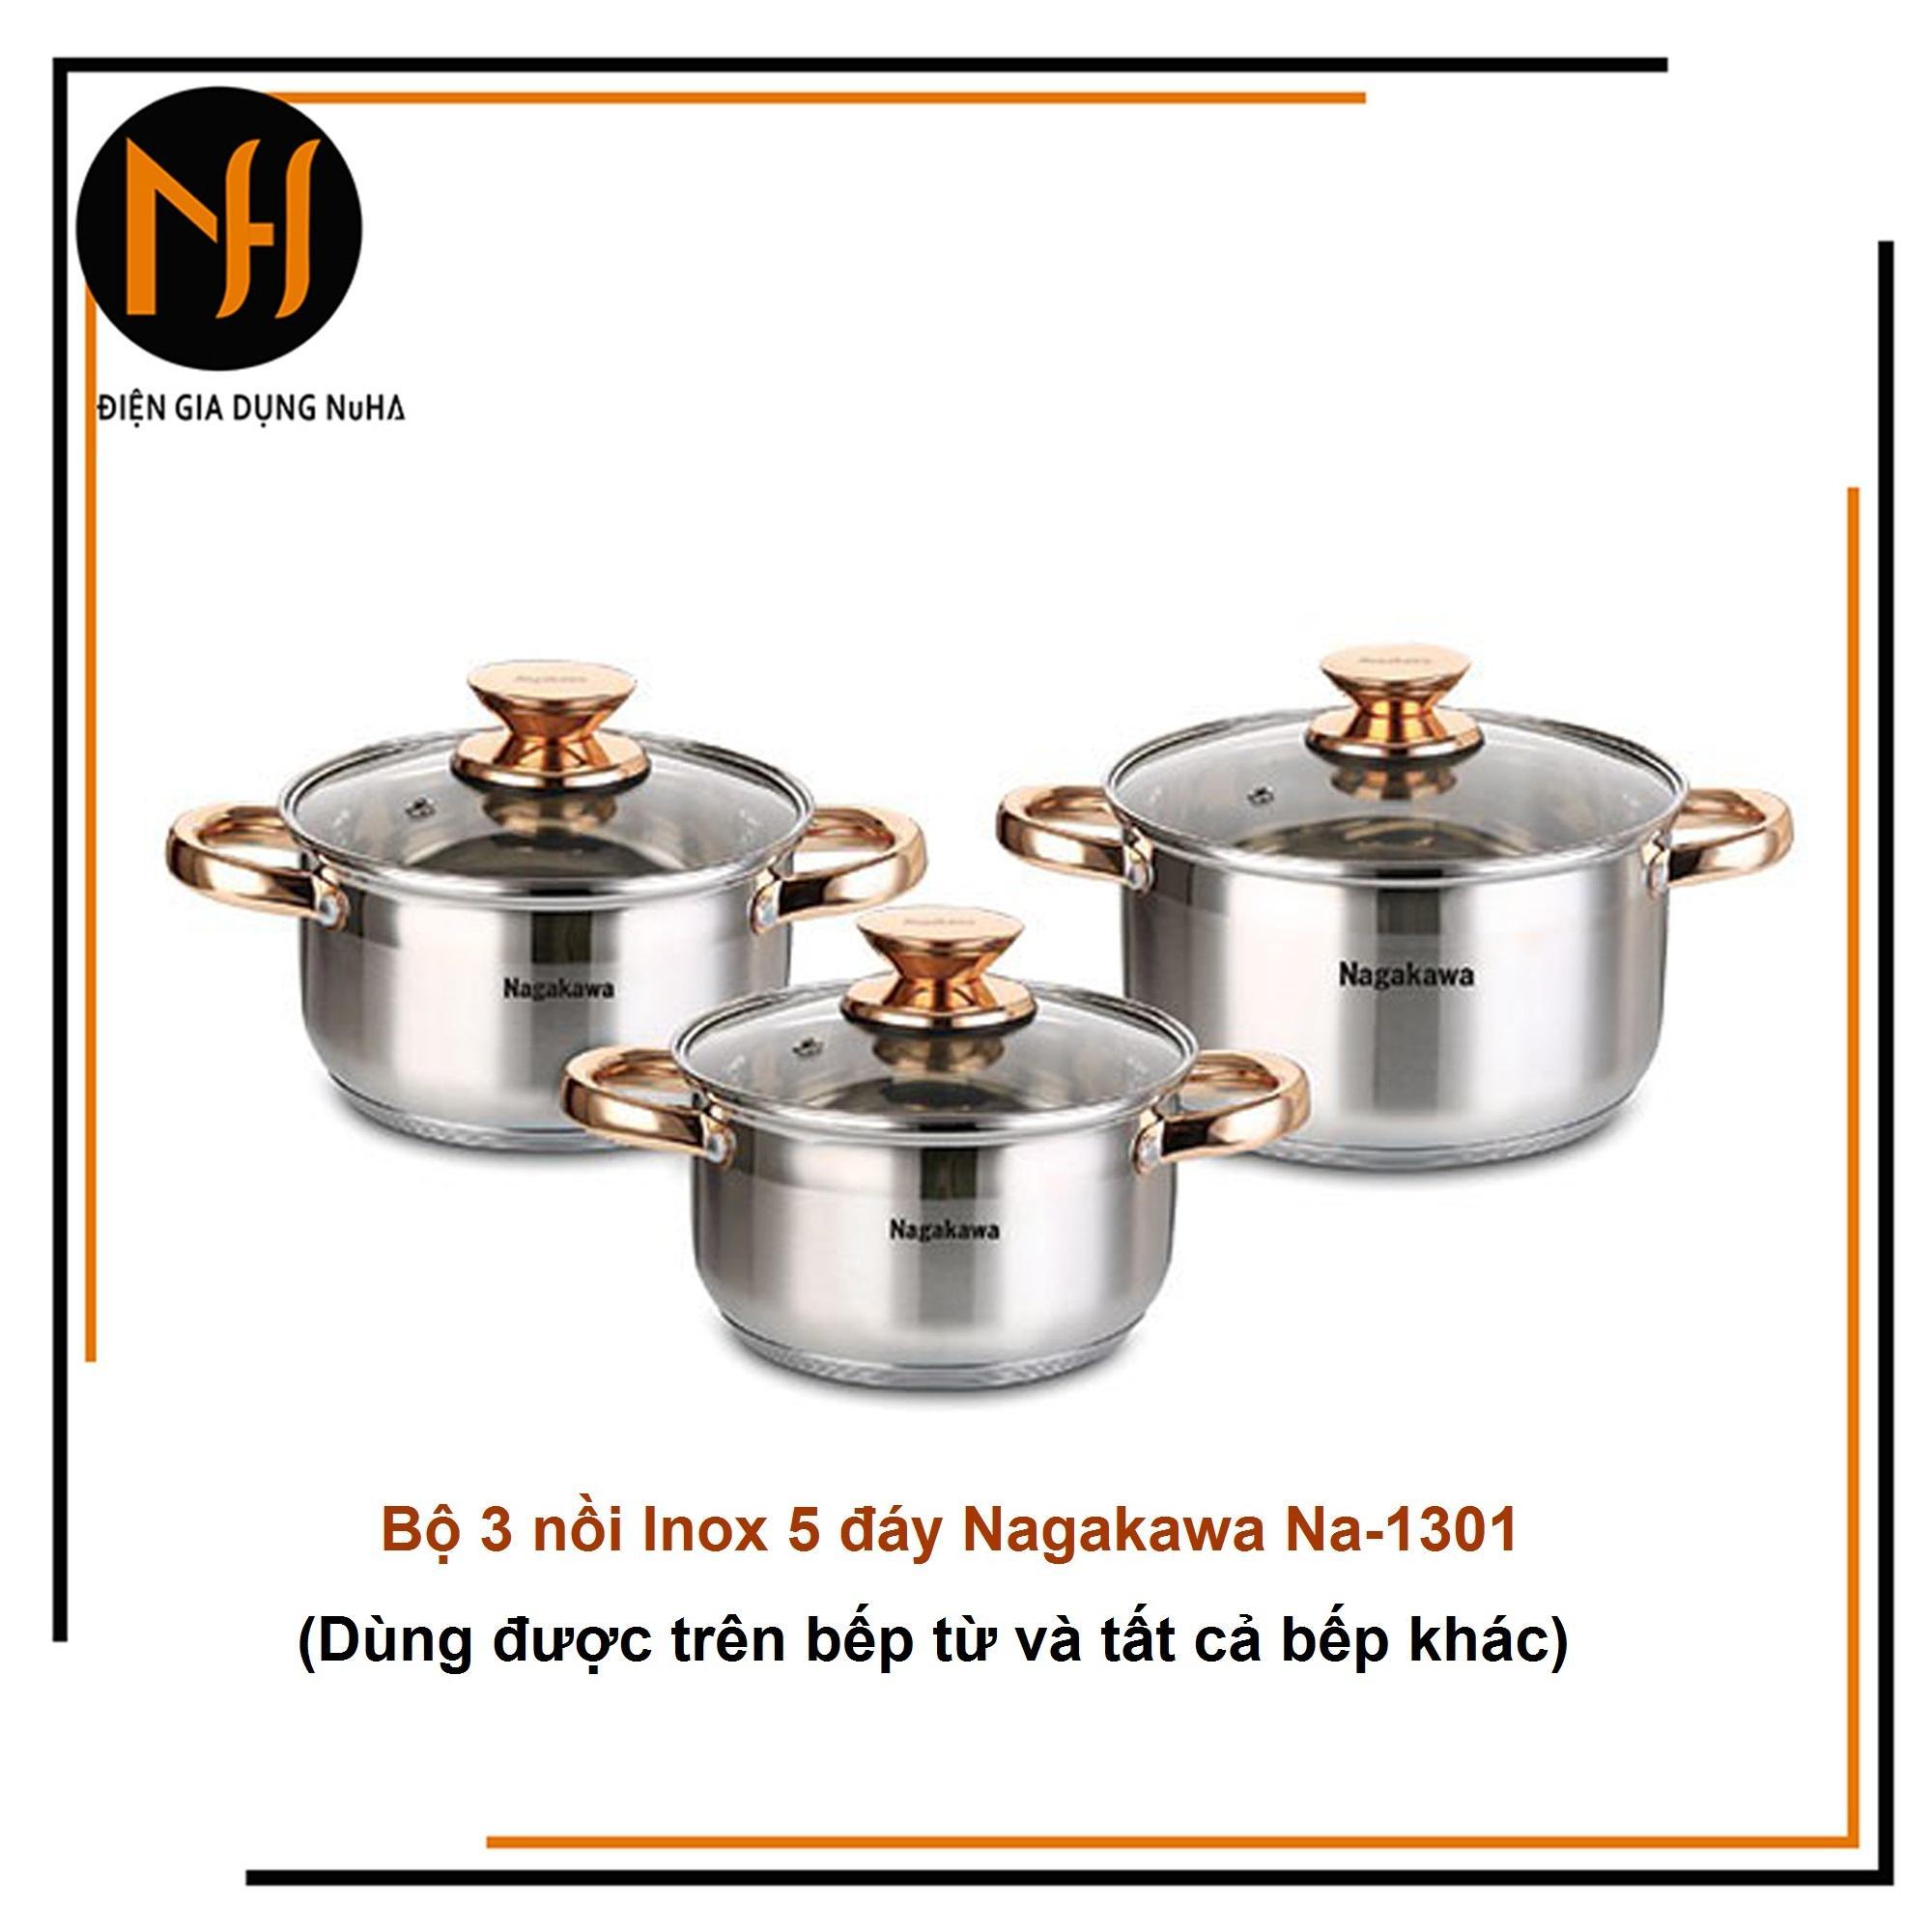 Bộ nồi inox 5 đáy từ Nagakawa NAG1301 quai núm màu vàng gồm 3 chiếc (16-20-24cm) sử dụng được trên bếp điện từ